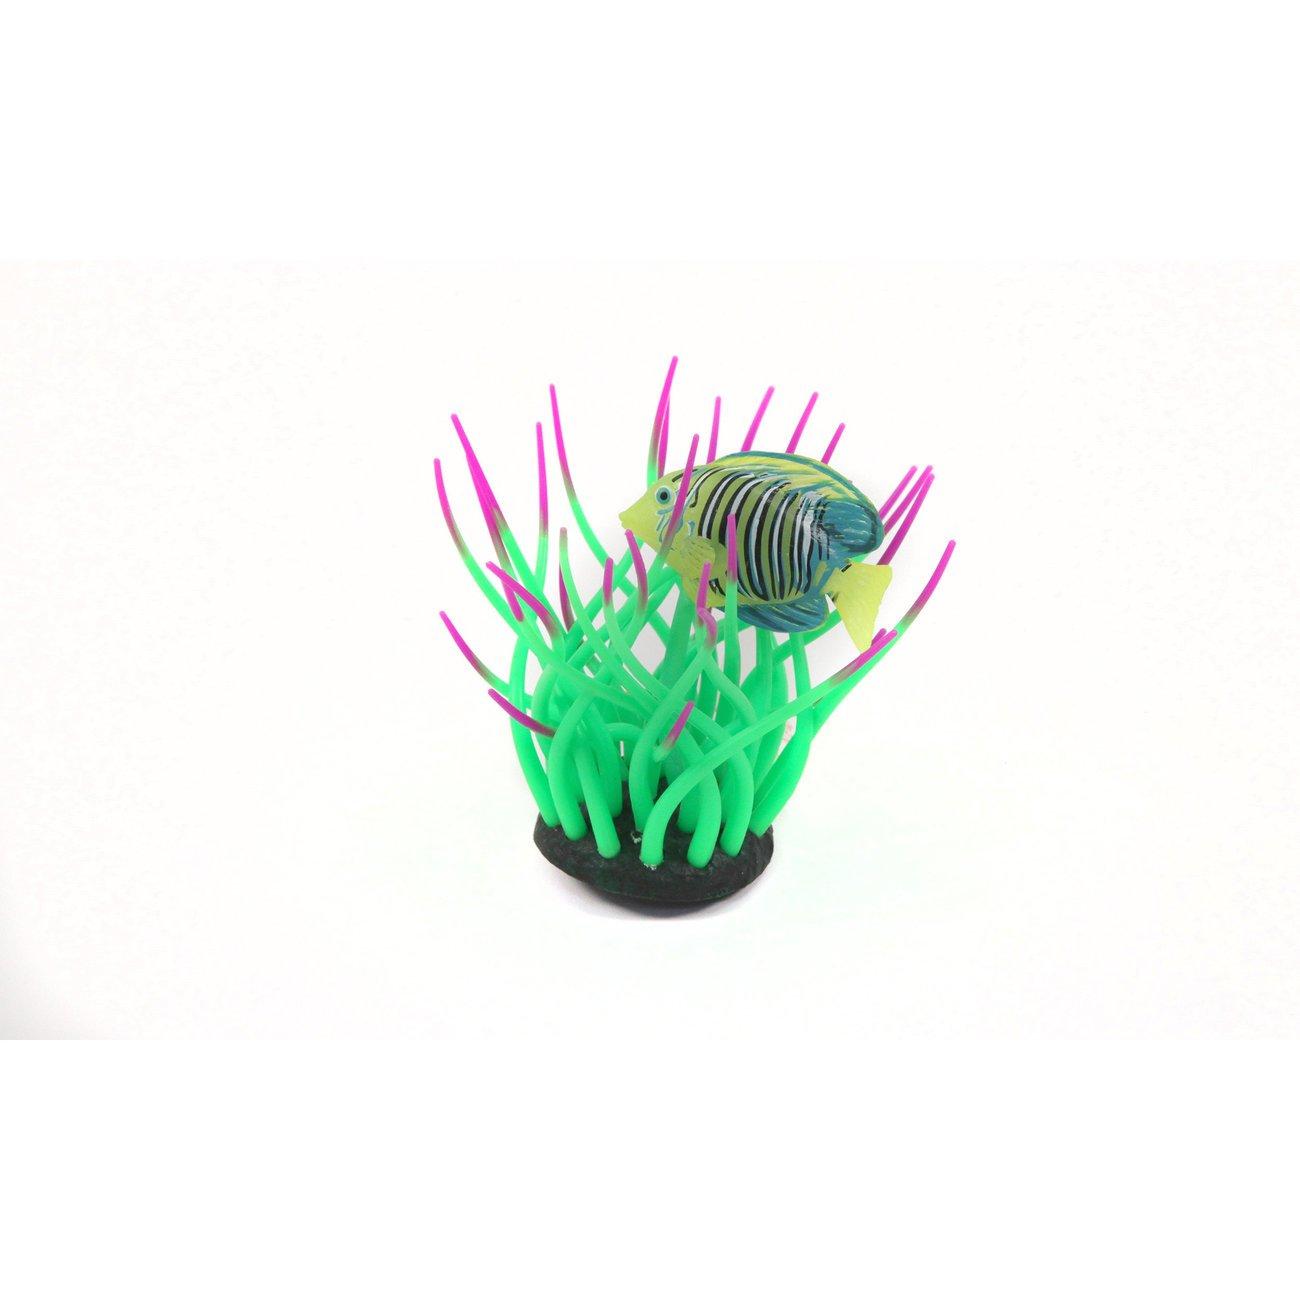 Aquatlantis Aqua Glow Anemone, mit Doktorfisch, grün